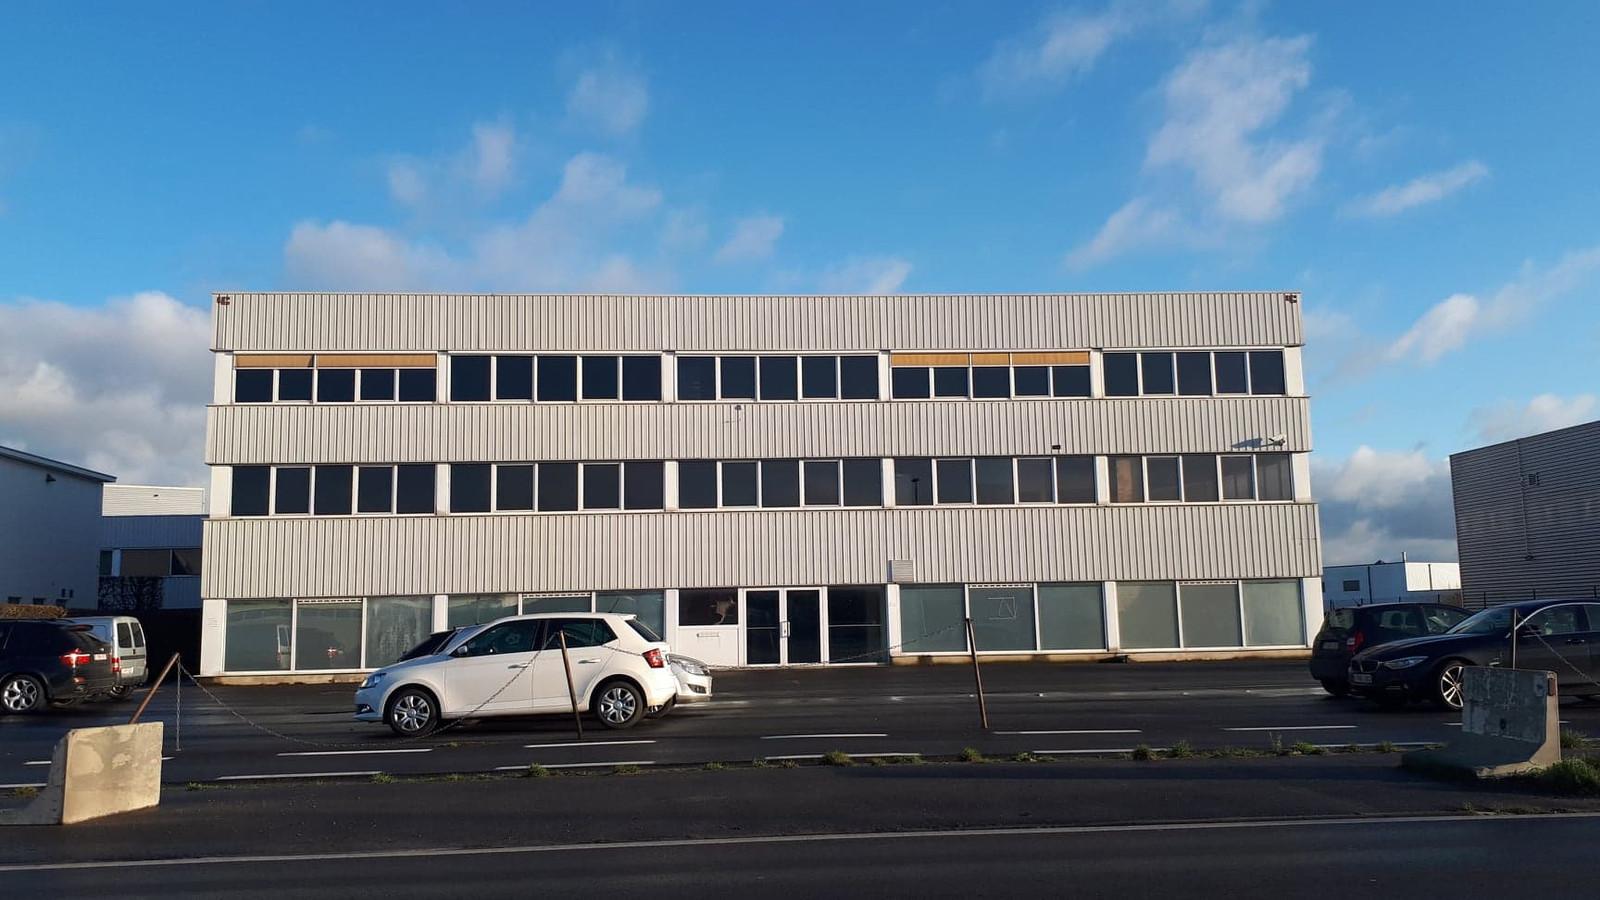 Het stadsbestuur weigert de omgevingsvergunningsaanvraag voor een nieuw winkelcomplex, inclusief Jumbo, op de leegstaande site van Crea Industrial Printing langs de Diksmuidsesteenweg.